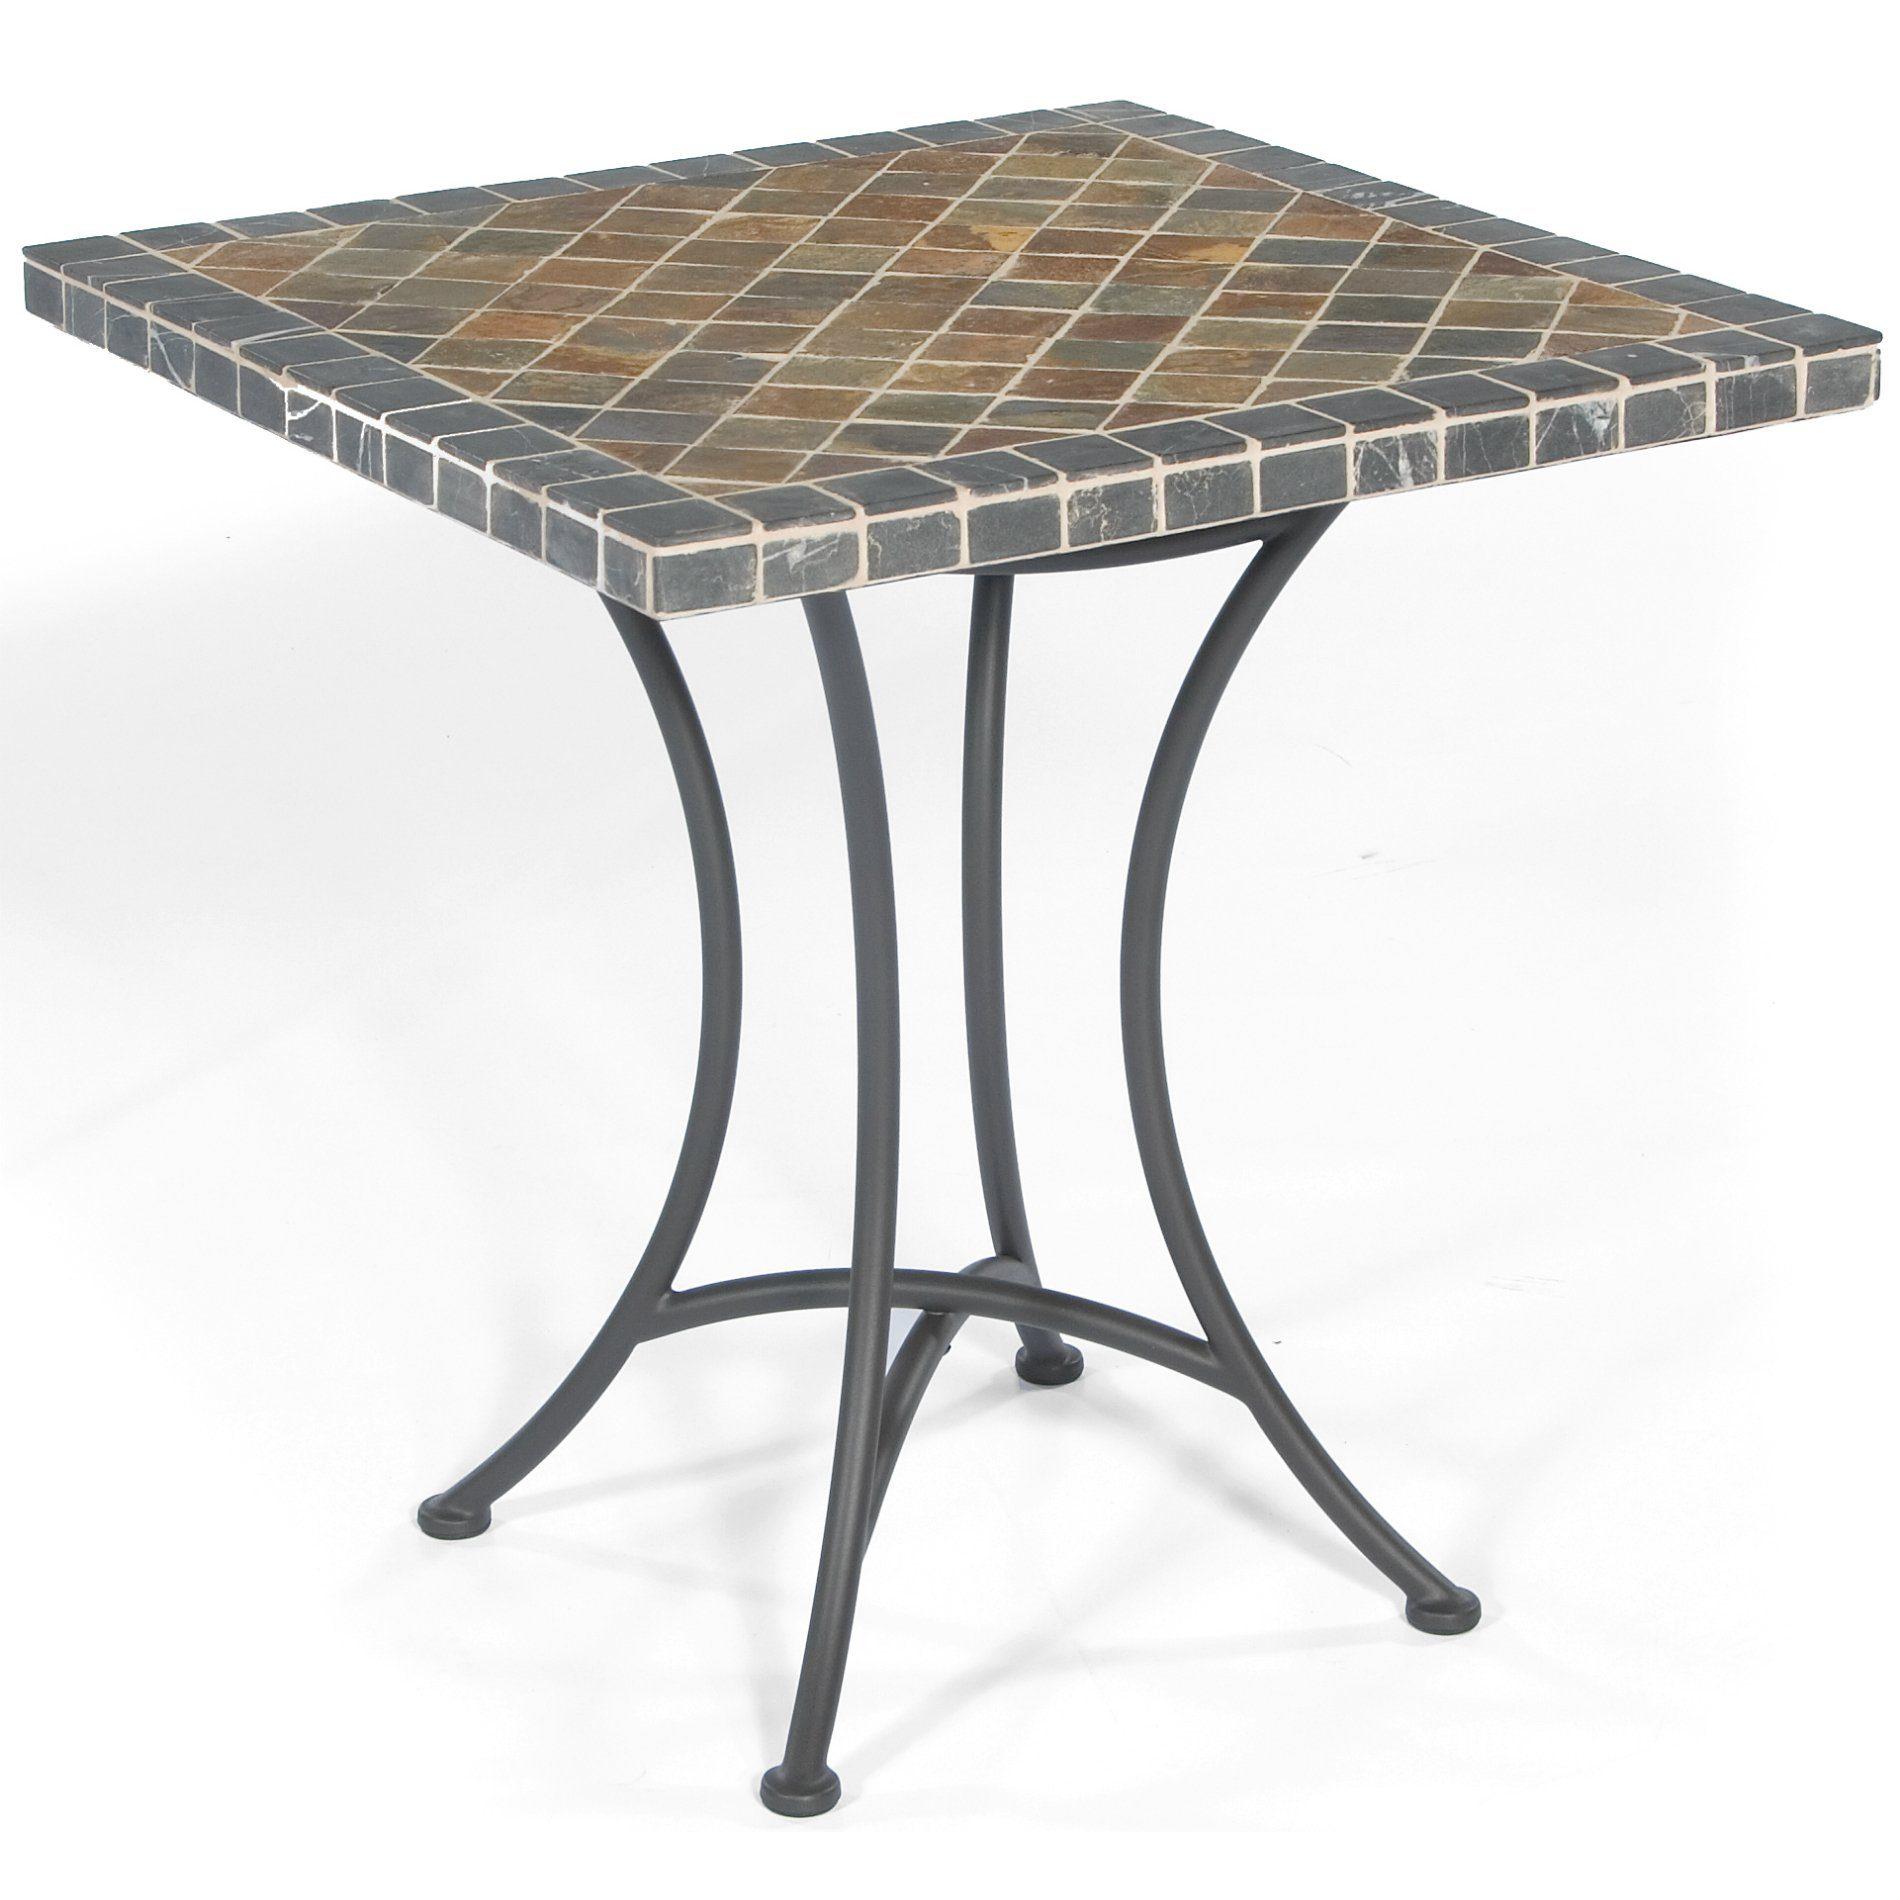 gartentisch eckig metall gartentisch sammy in grau grau cm with gartentisch eckig metall. Black Bedroom Furniture Sets. Home Design Ideas